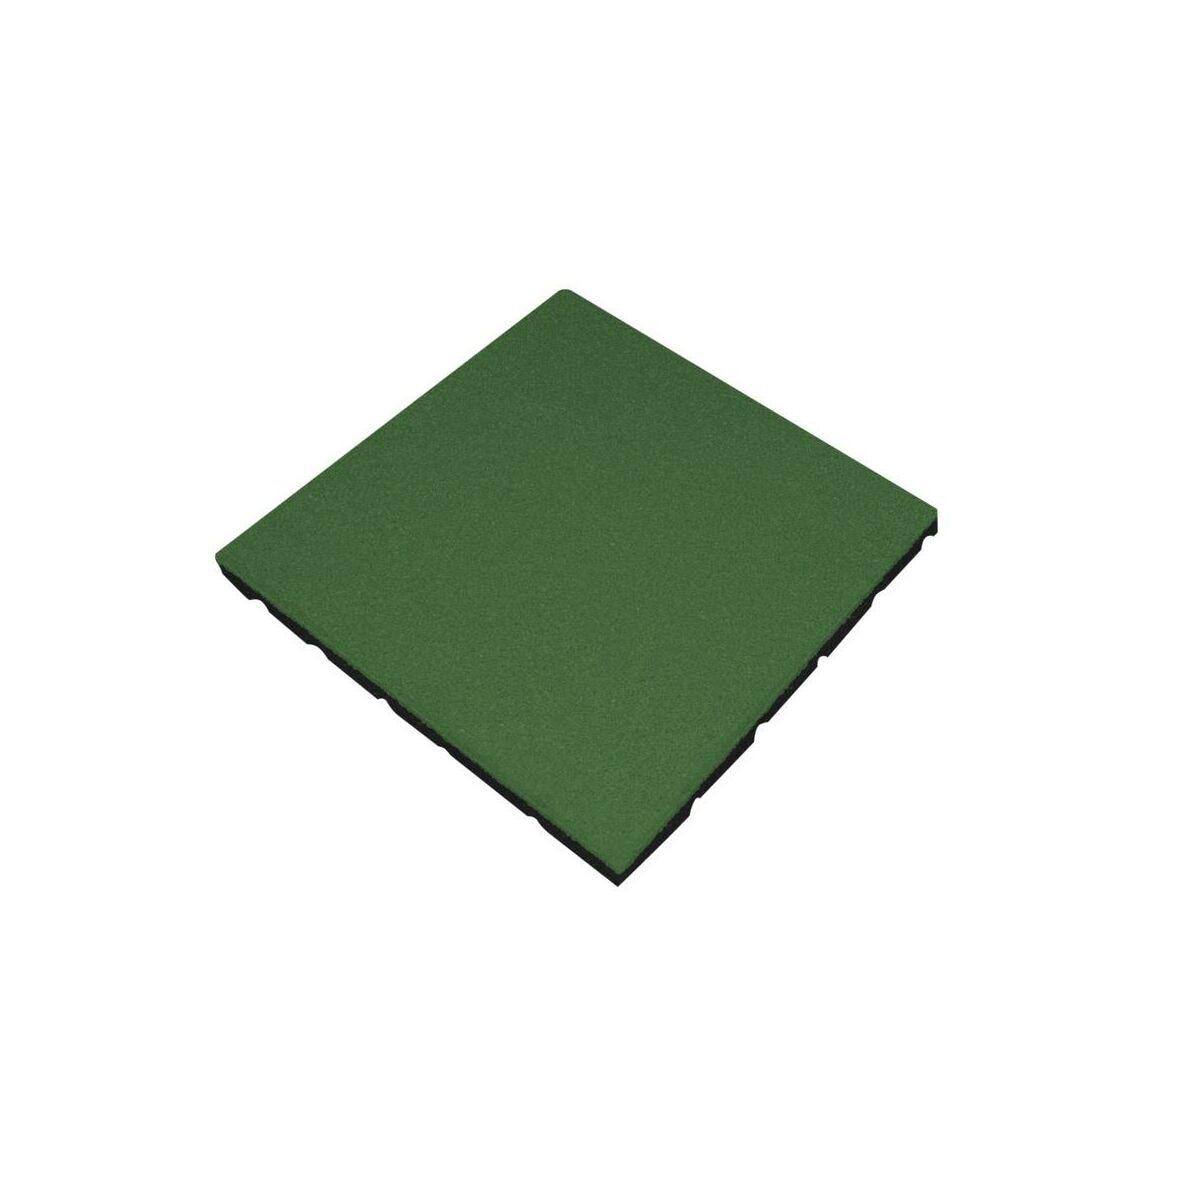 Podest Elastyczny Szer 50 X Gl 50 X Wys 2 Cm Zielony Plyty Gumowe Na Plac Zabaw W Atrakcyjnej Cenie W Sklepach Leroy Merlin